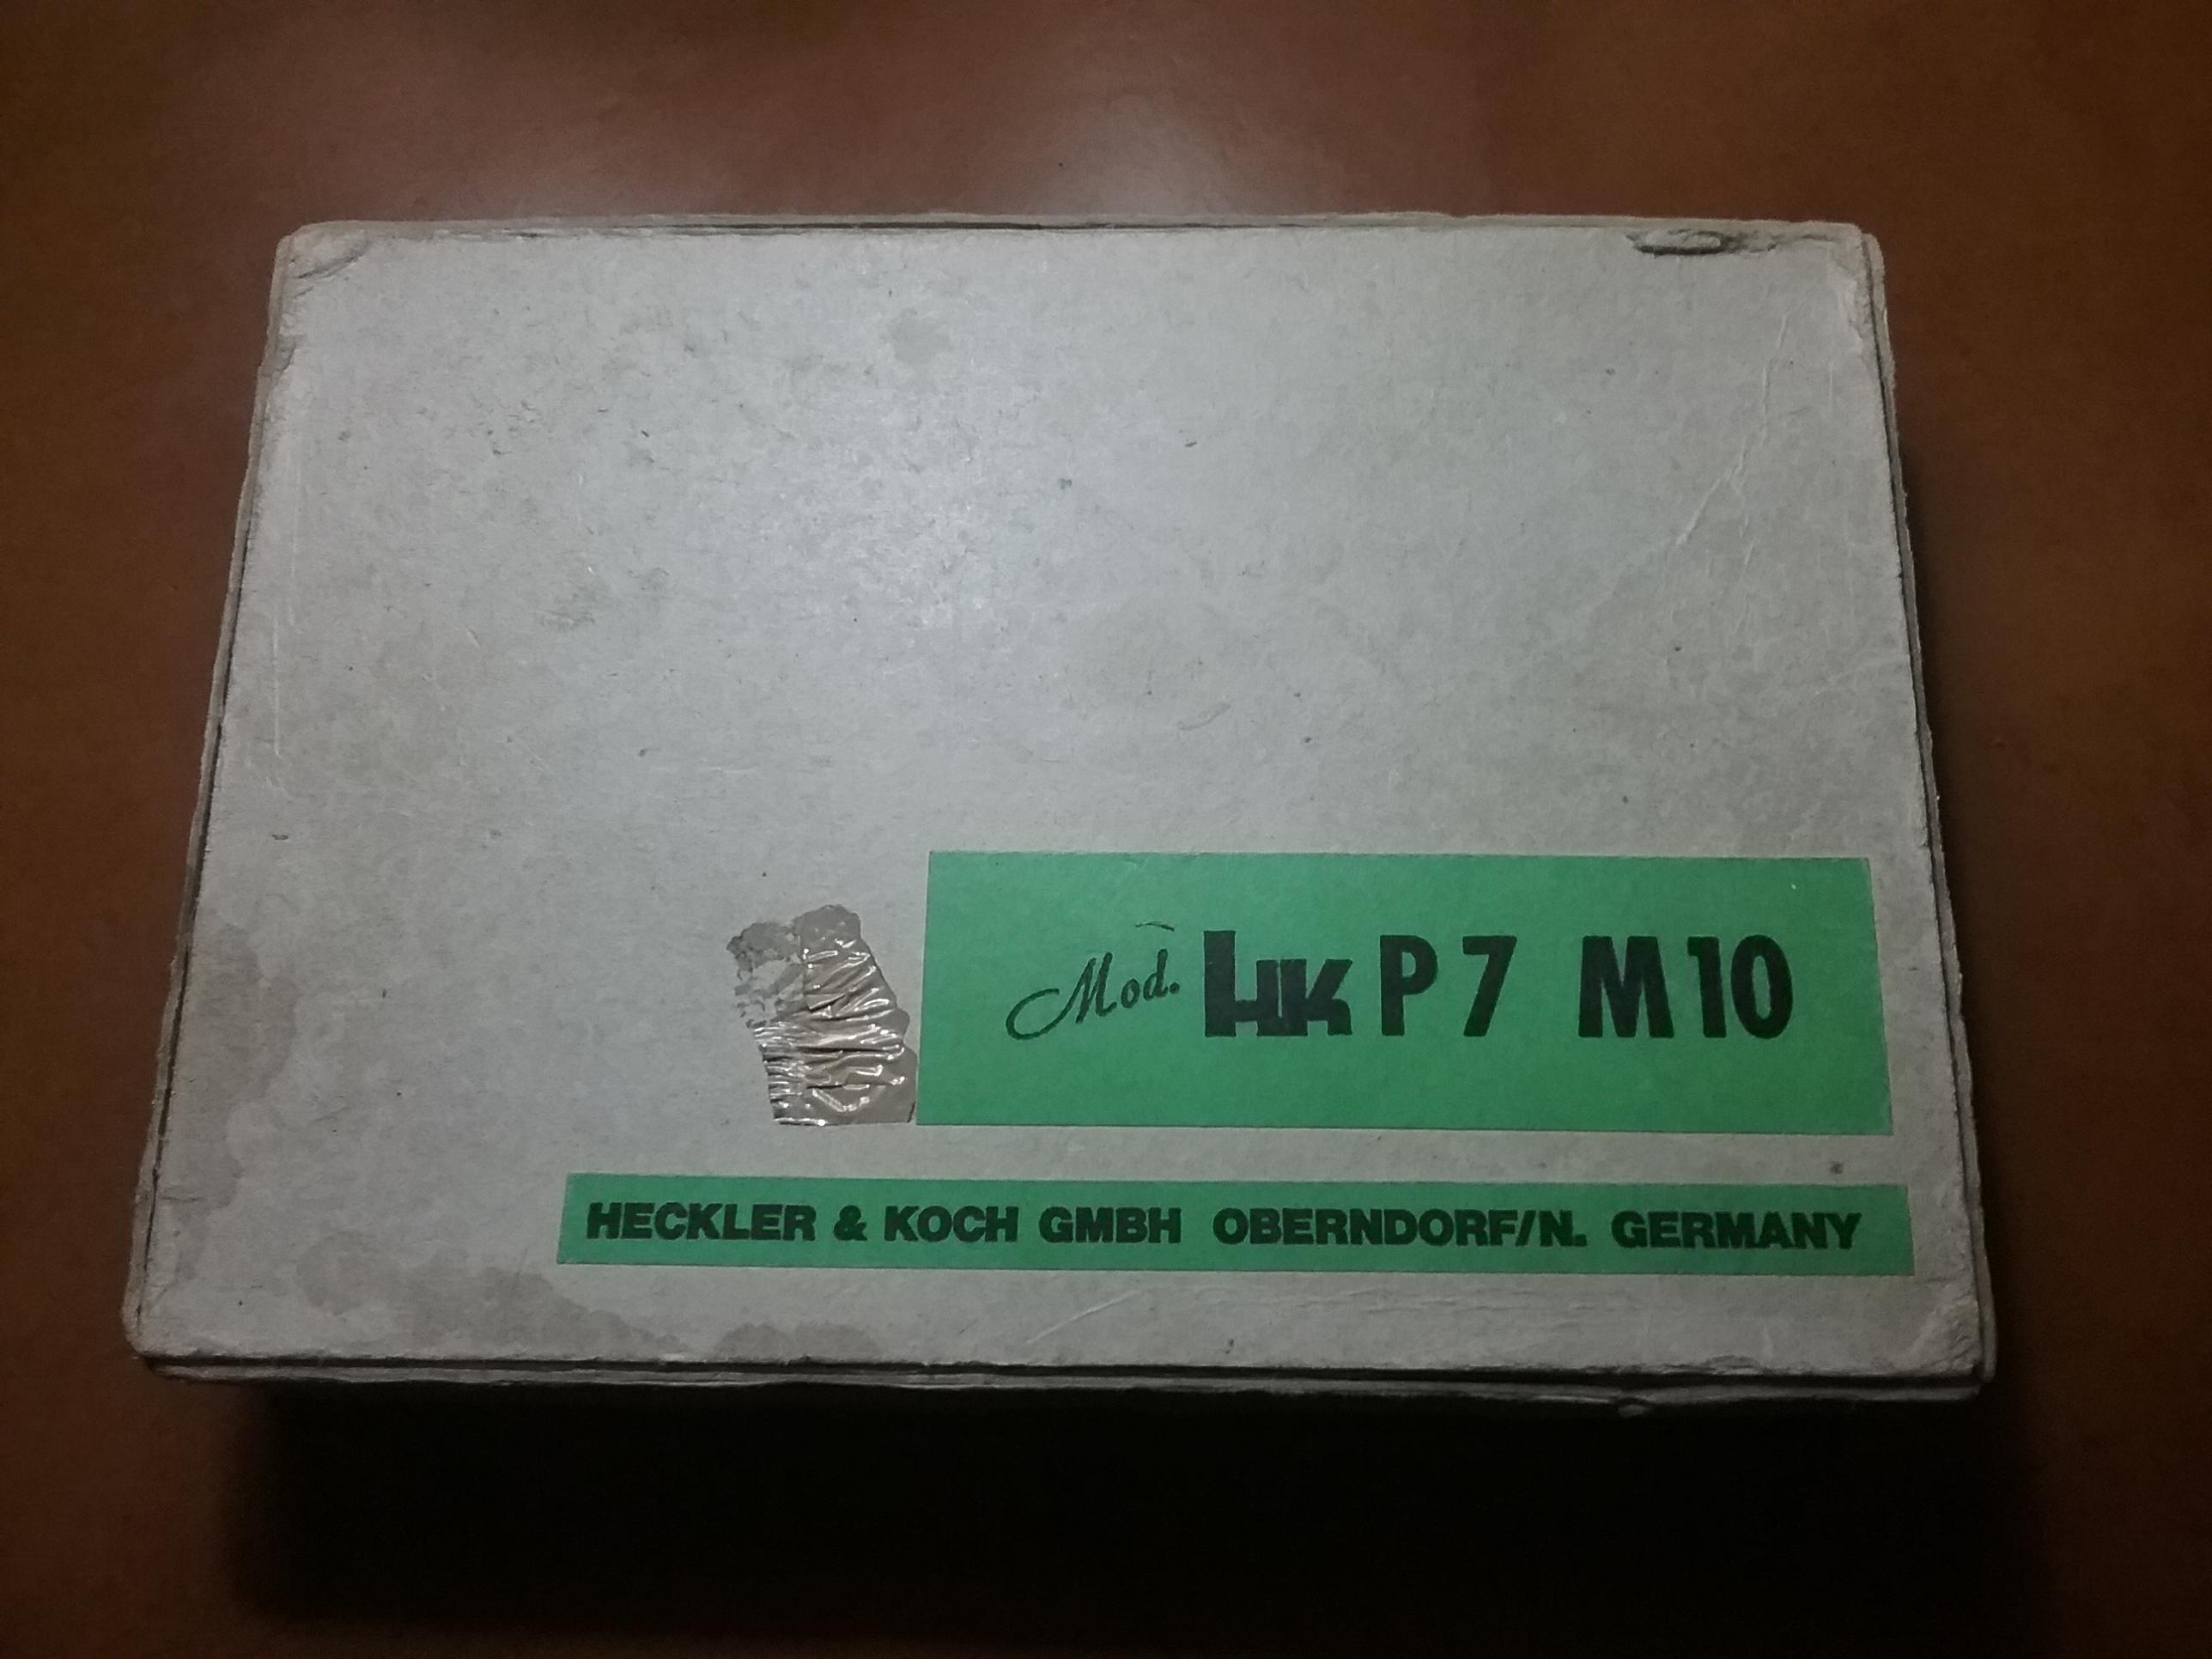 SOLD: P7M10 satin nickel used-20200724_192959-1331-.jpg